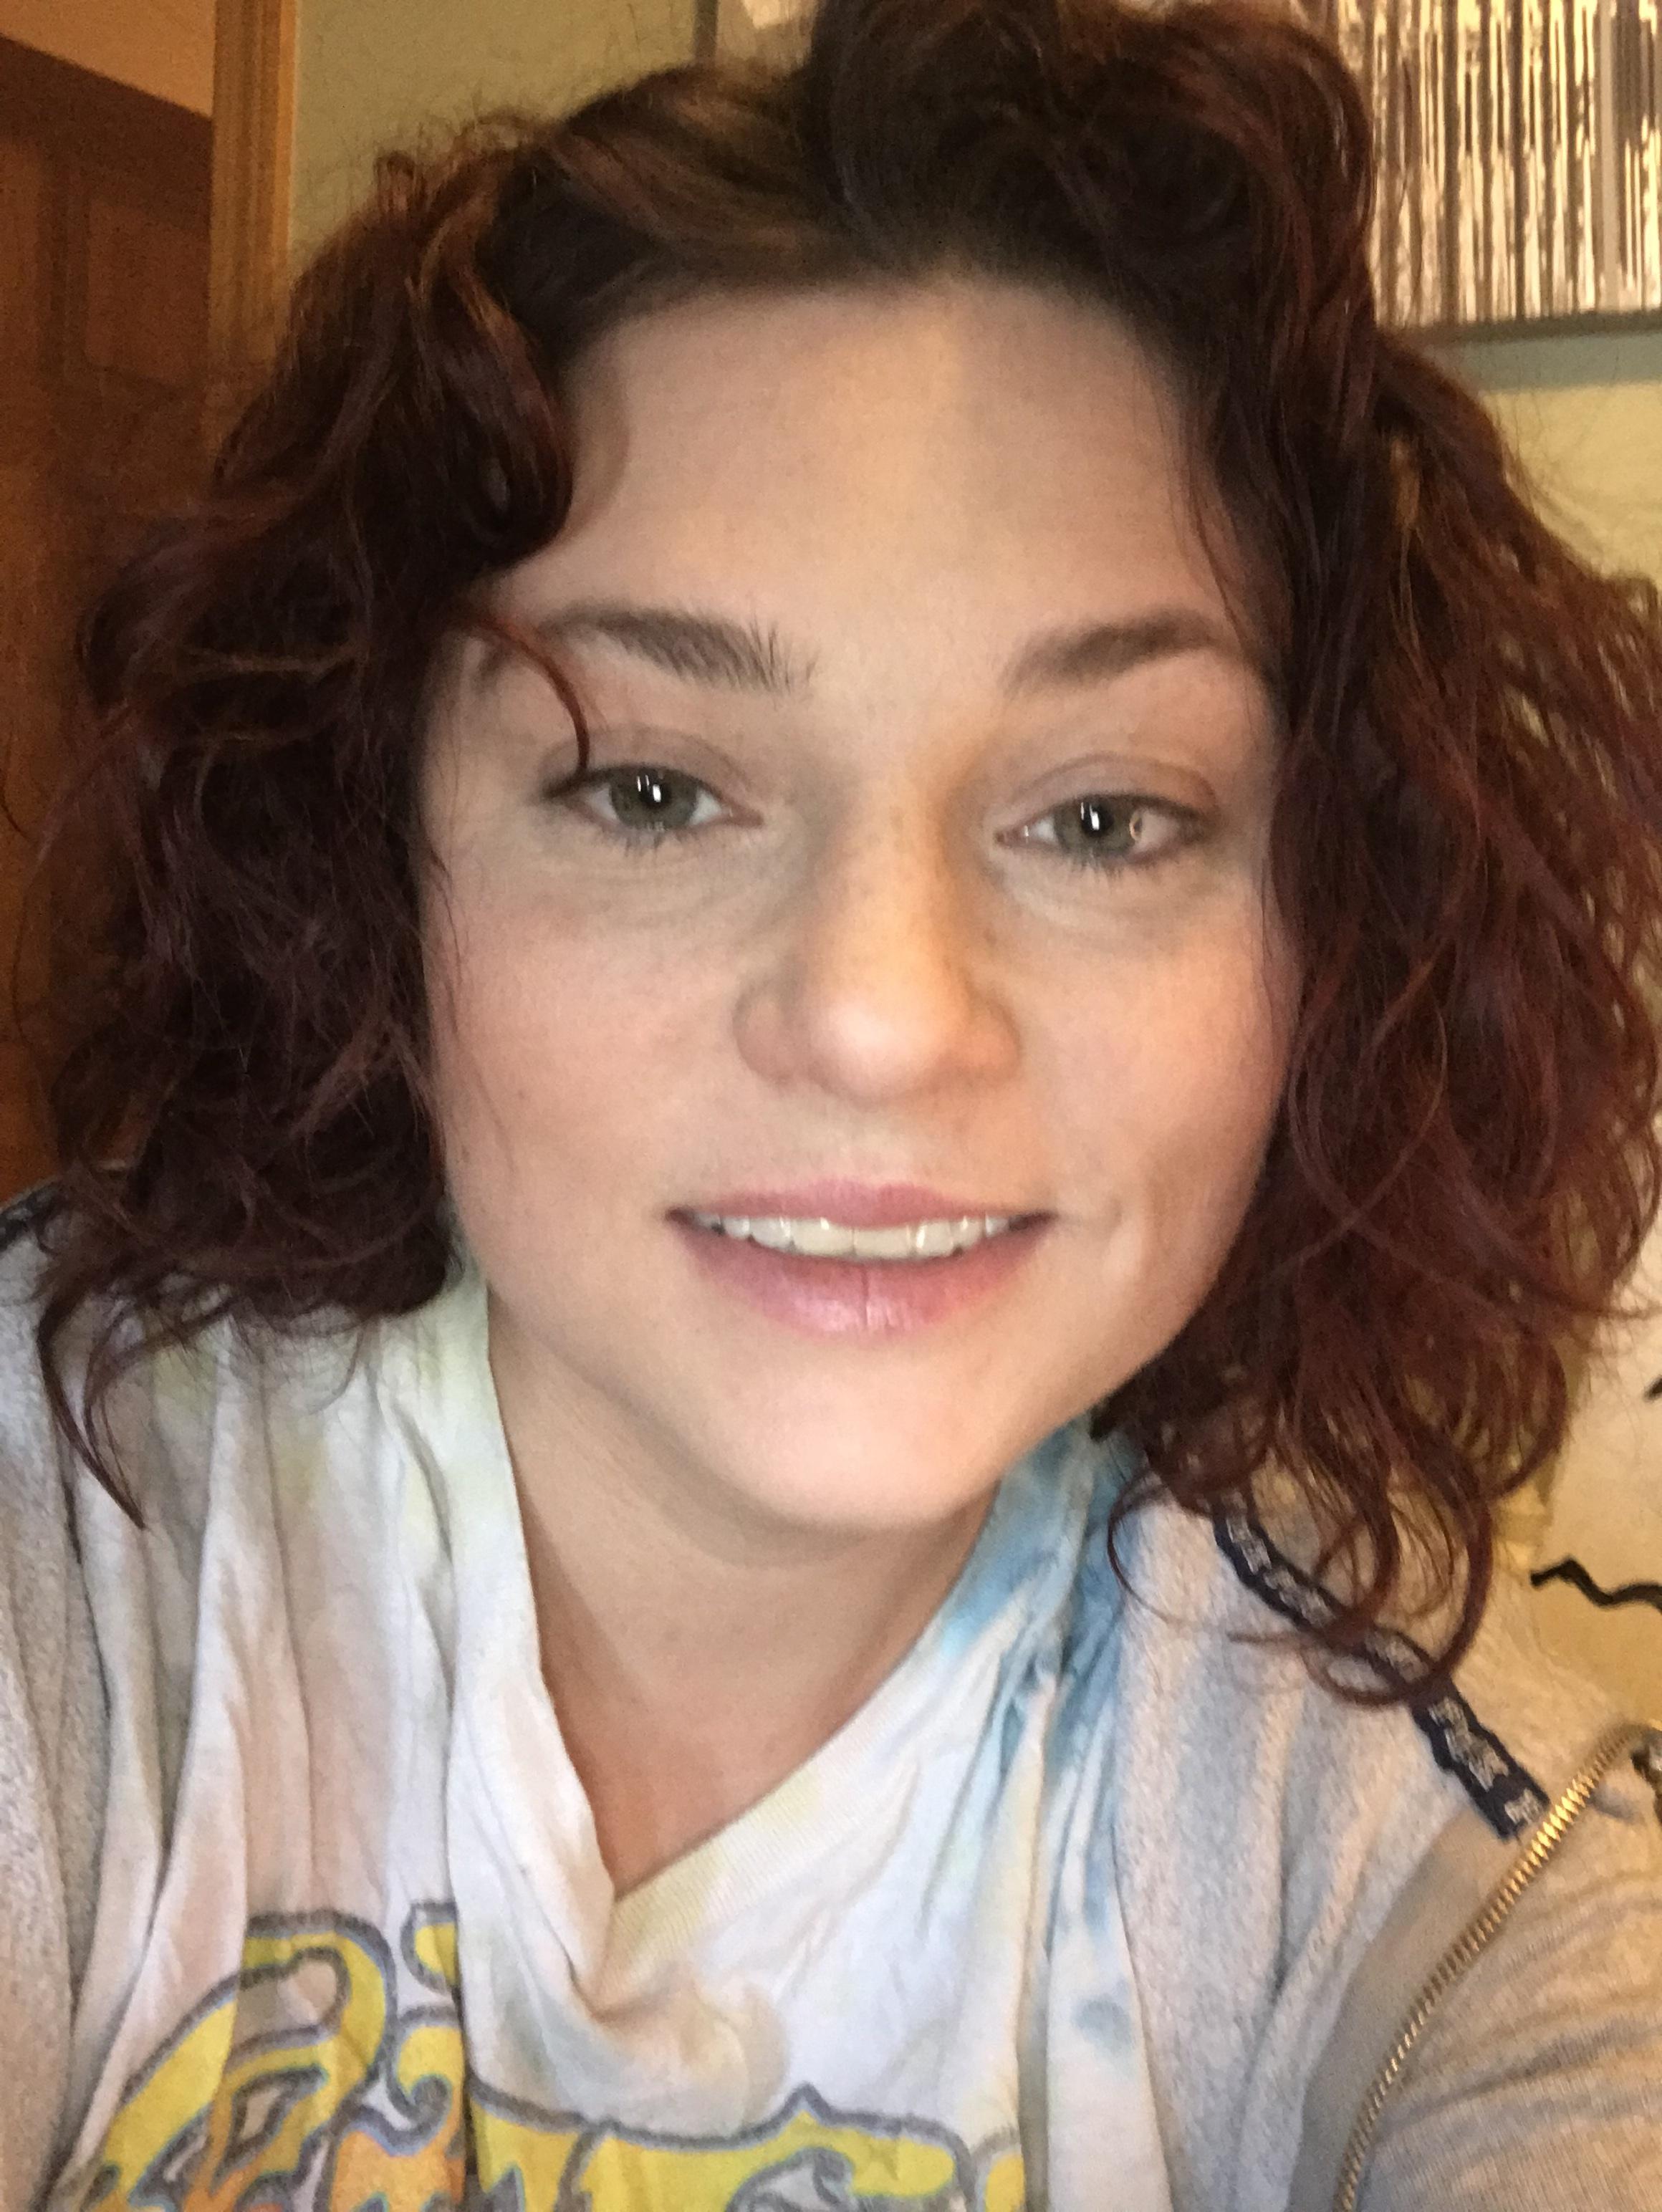 Anastasia Beverly Hills: Anastasia Beverly Hills Contour Kit Reviews In Makeup